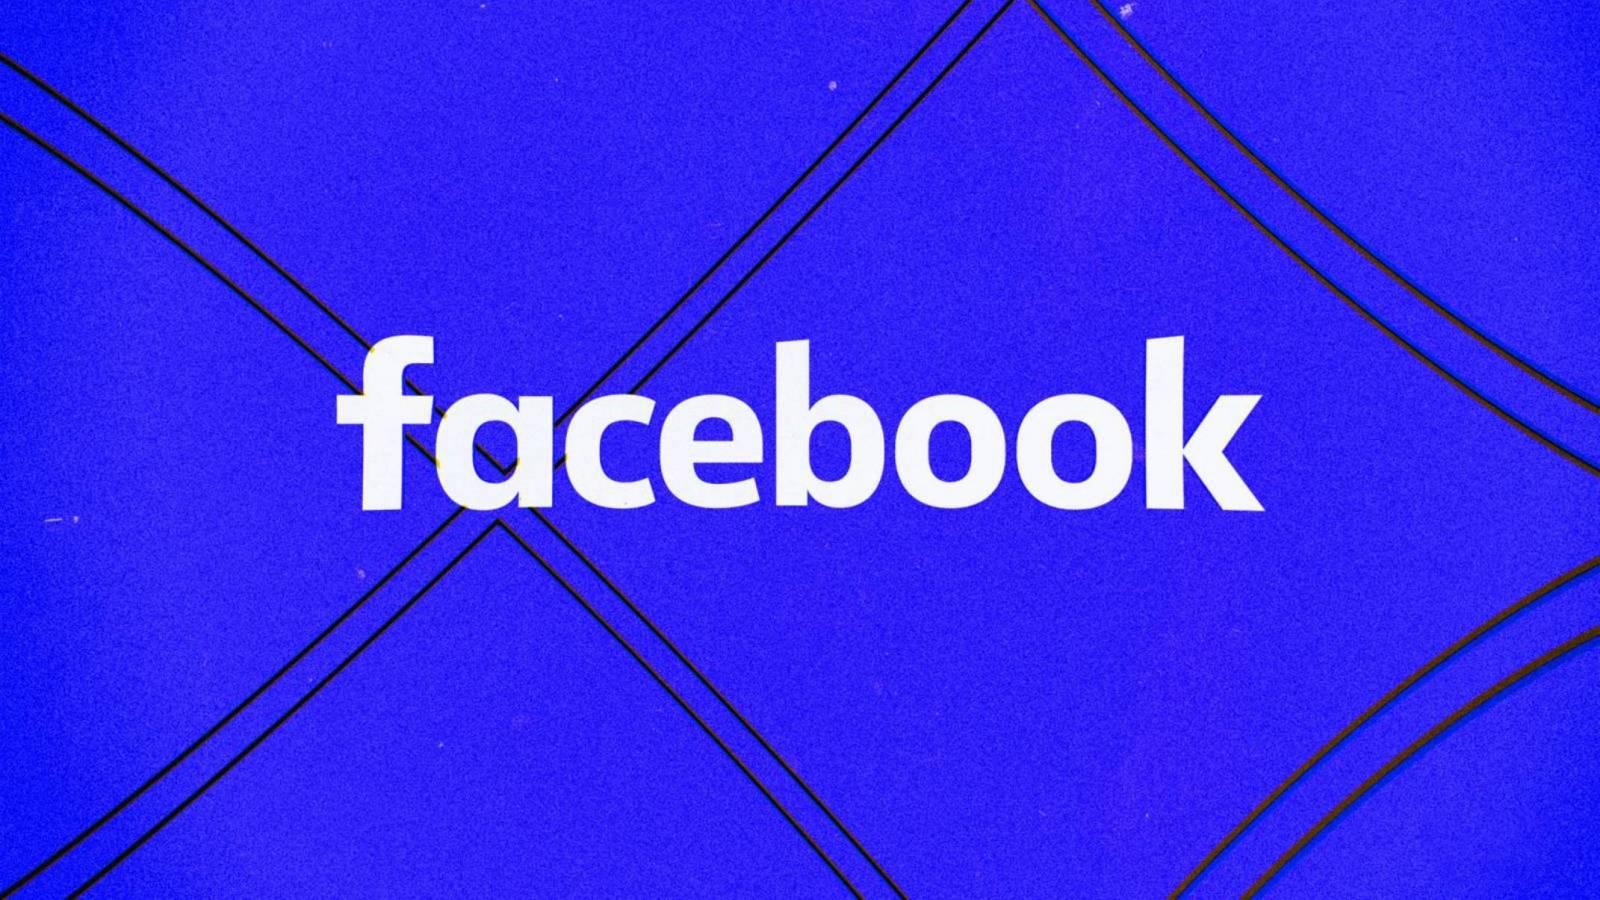 Facebook Update a fost lansat, ce Noutati Aduce Telefoane